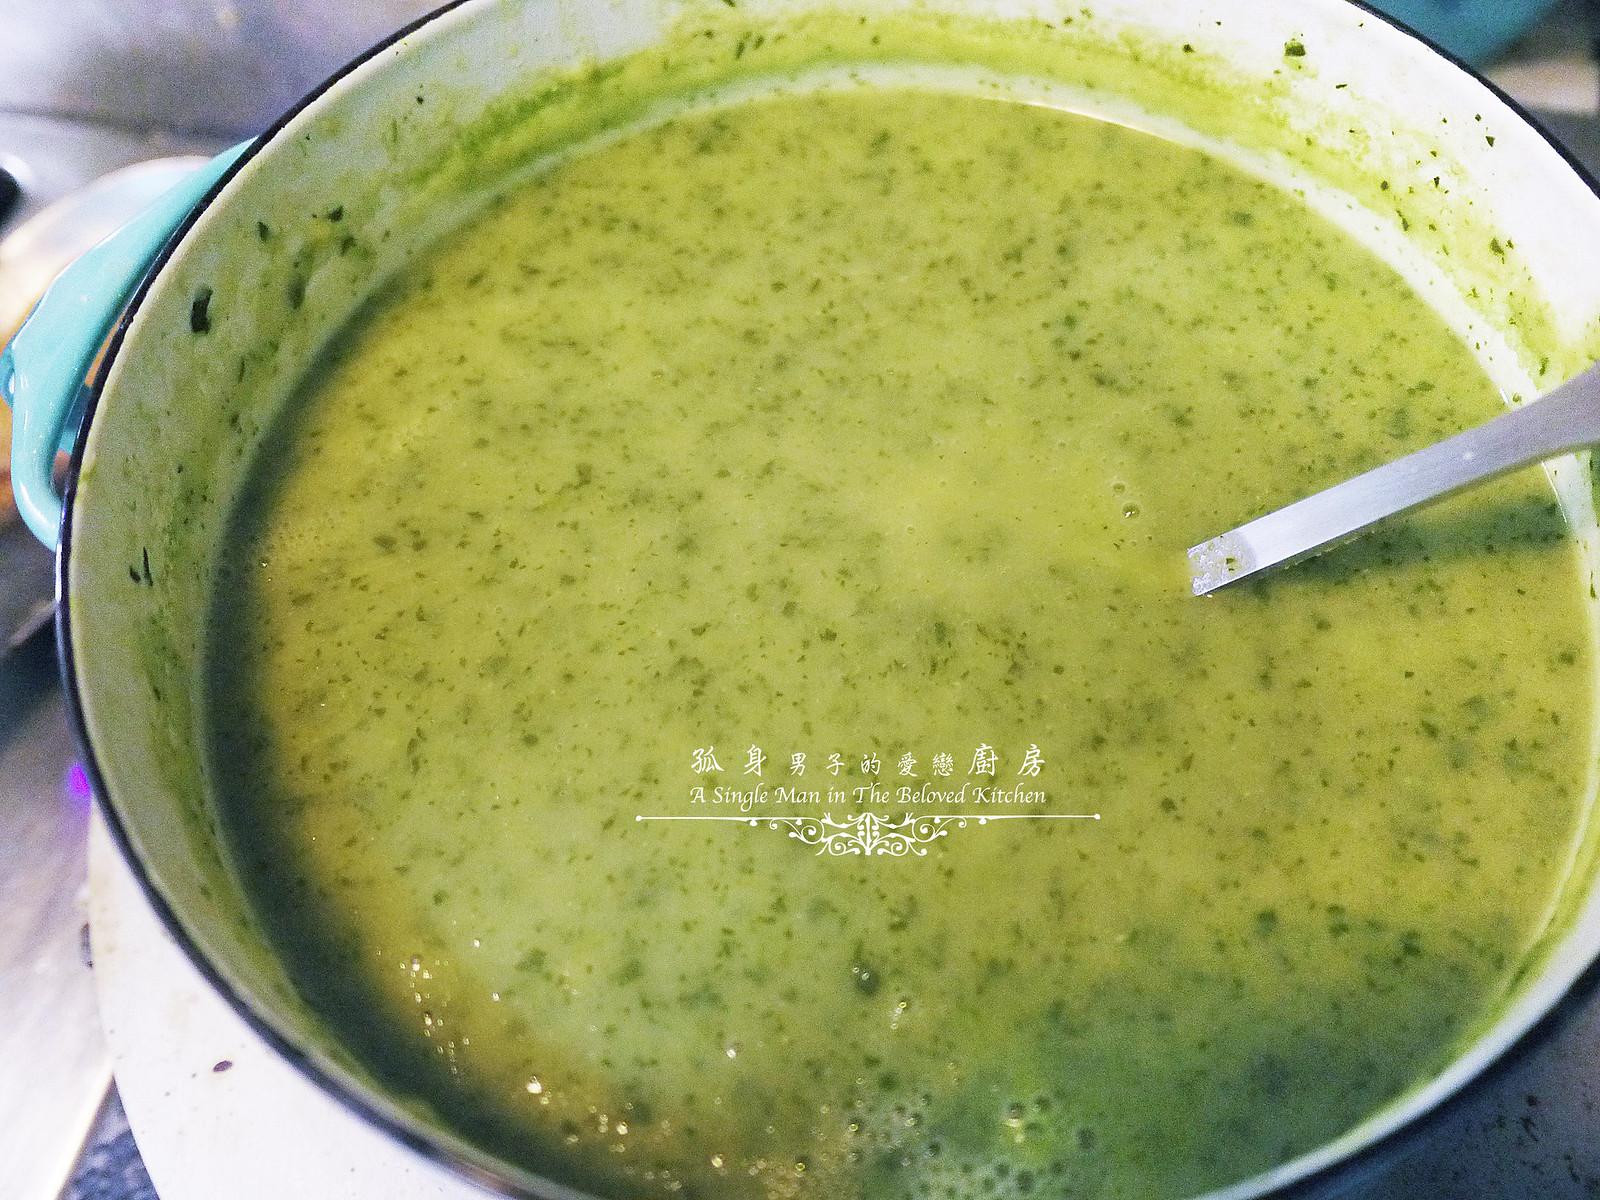 孤身廚房-西洋菜馬鈴薯濃湯29